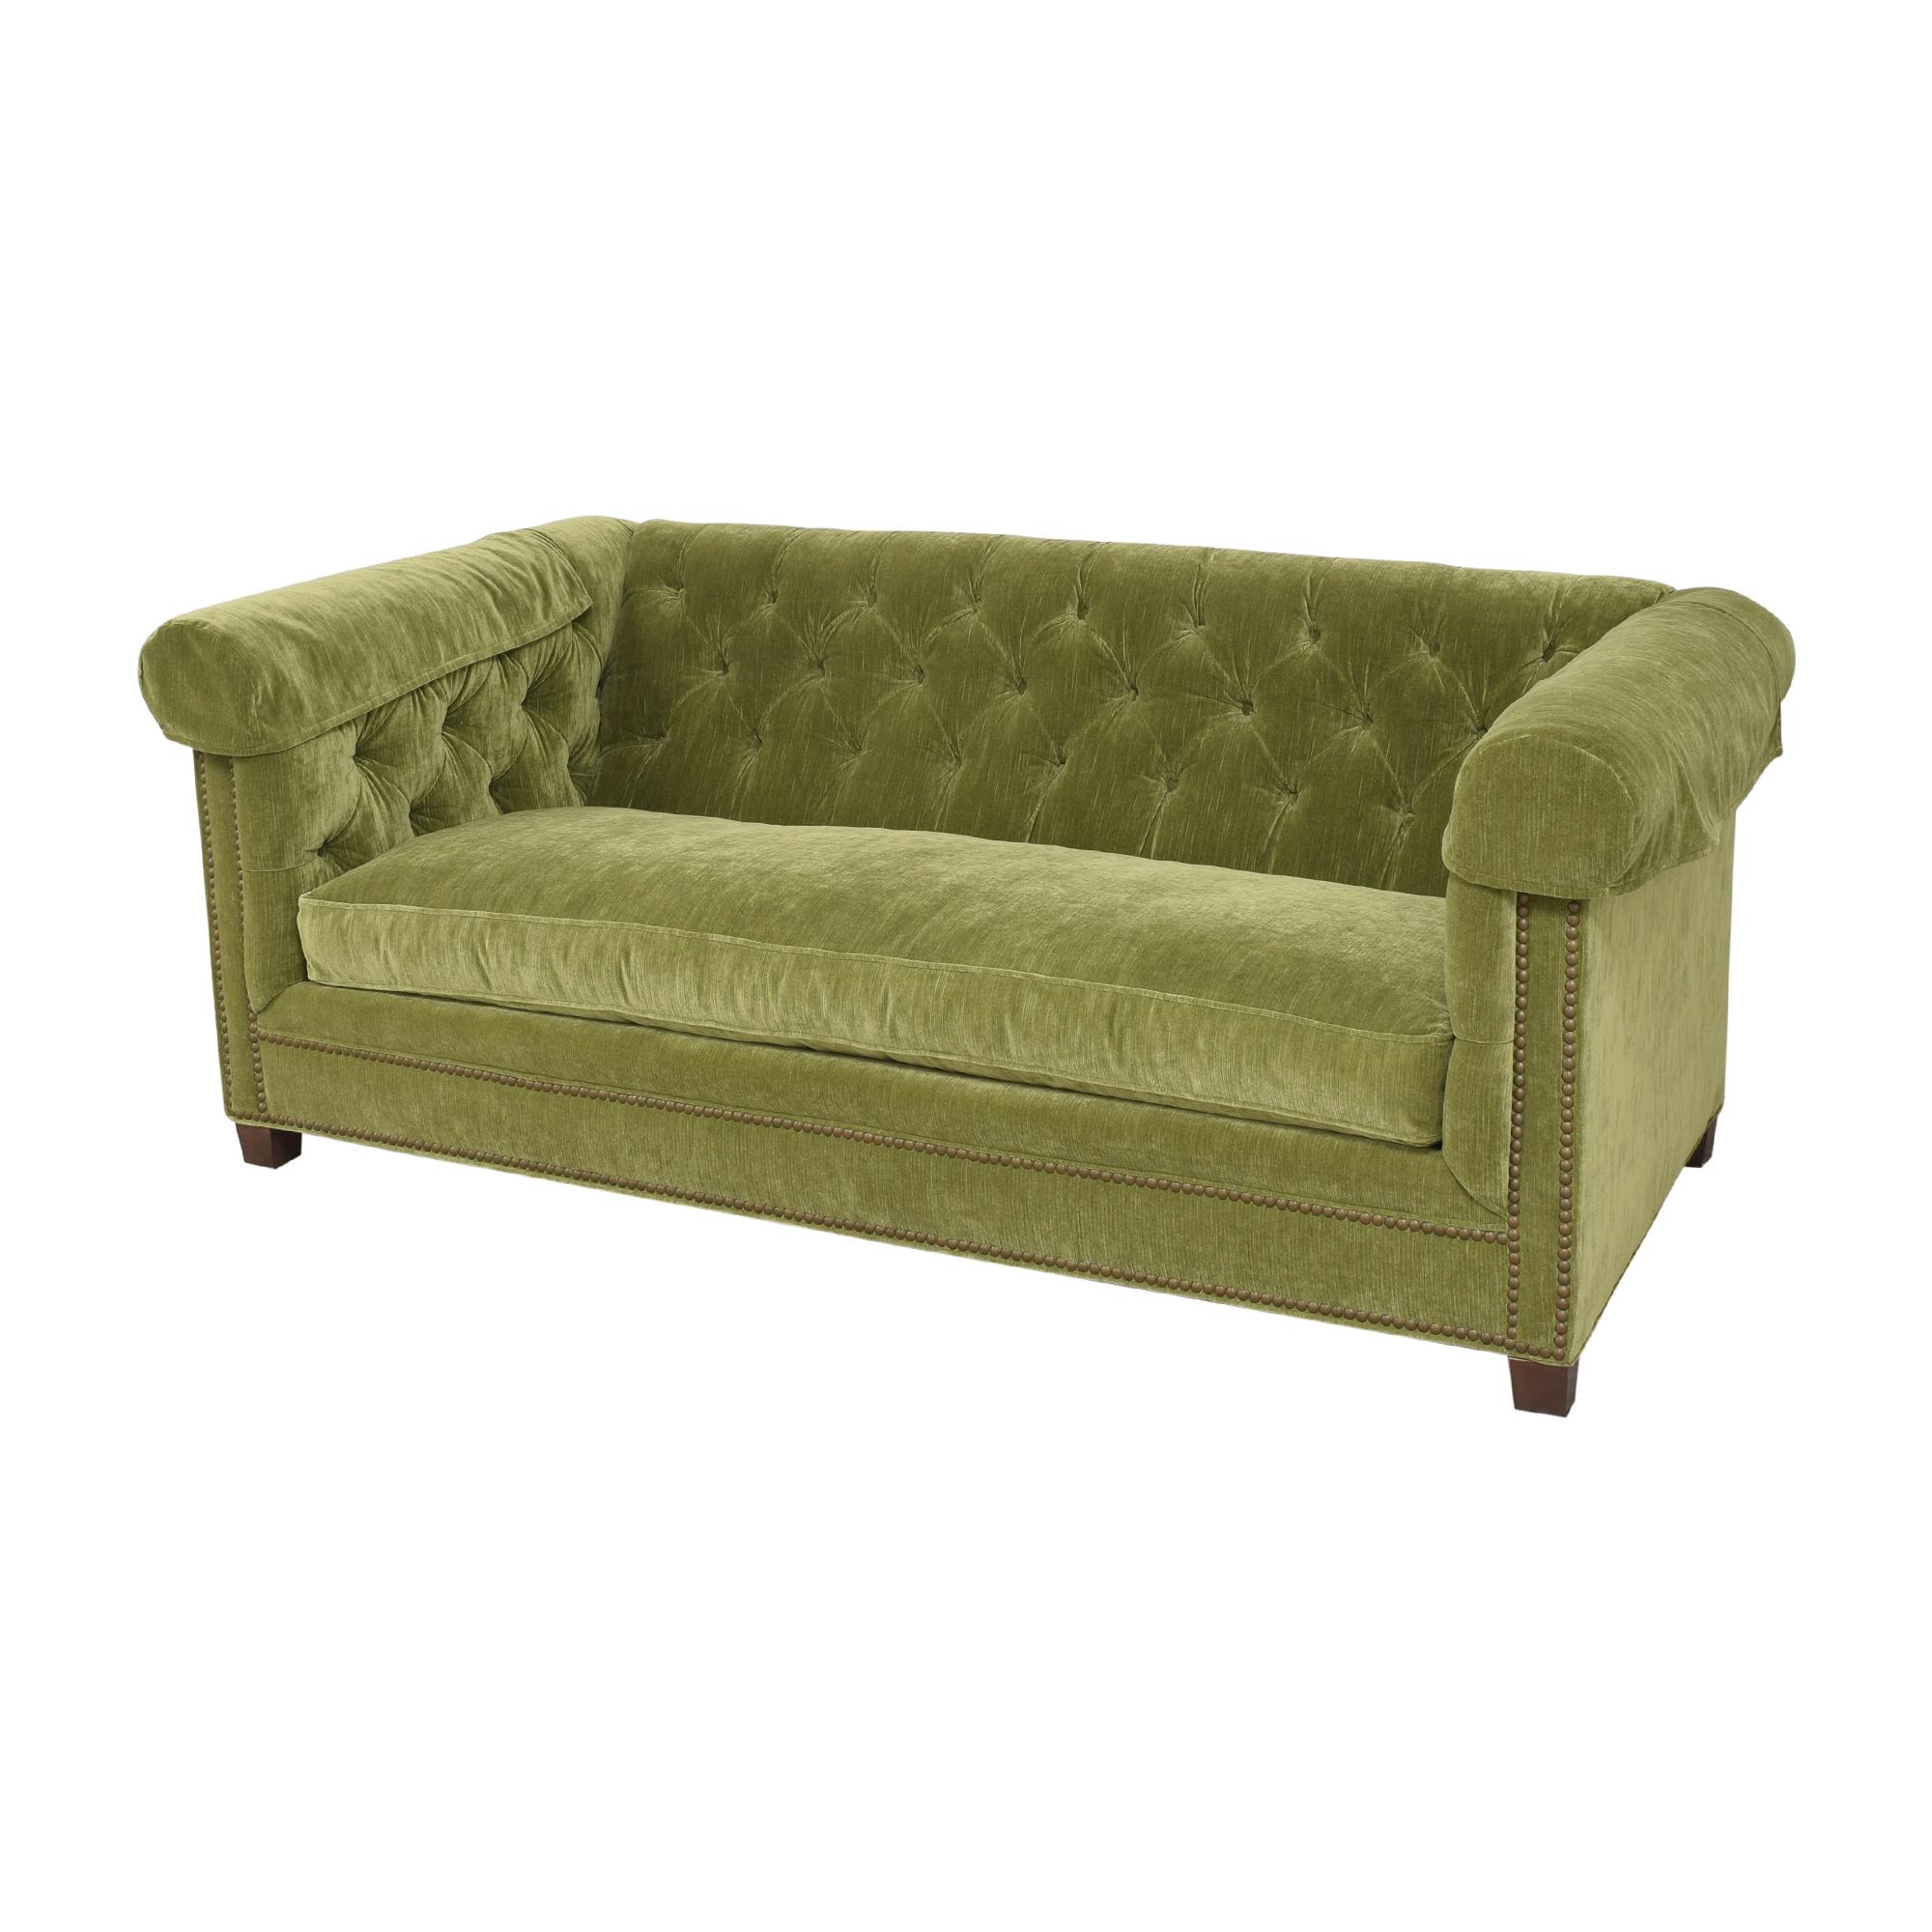 shop Lee Industries Lee Industries Custom Upholstered Chesterfield Sofa online